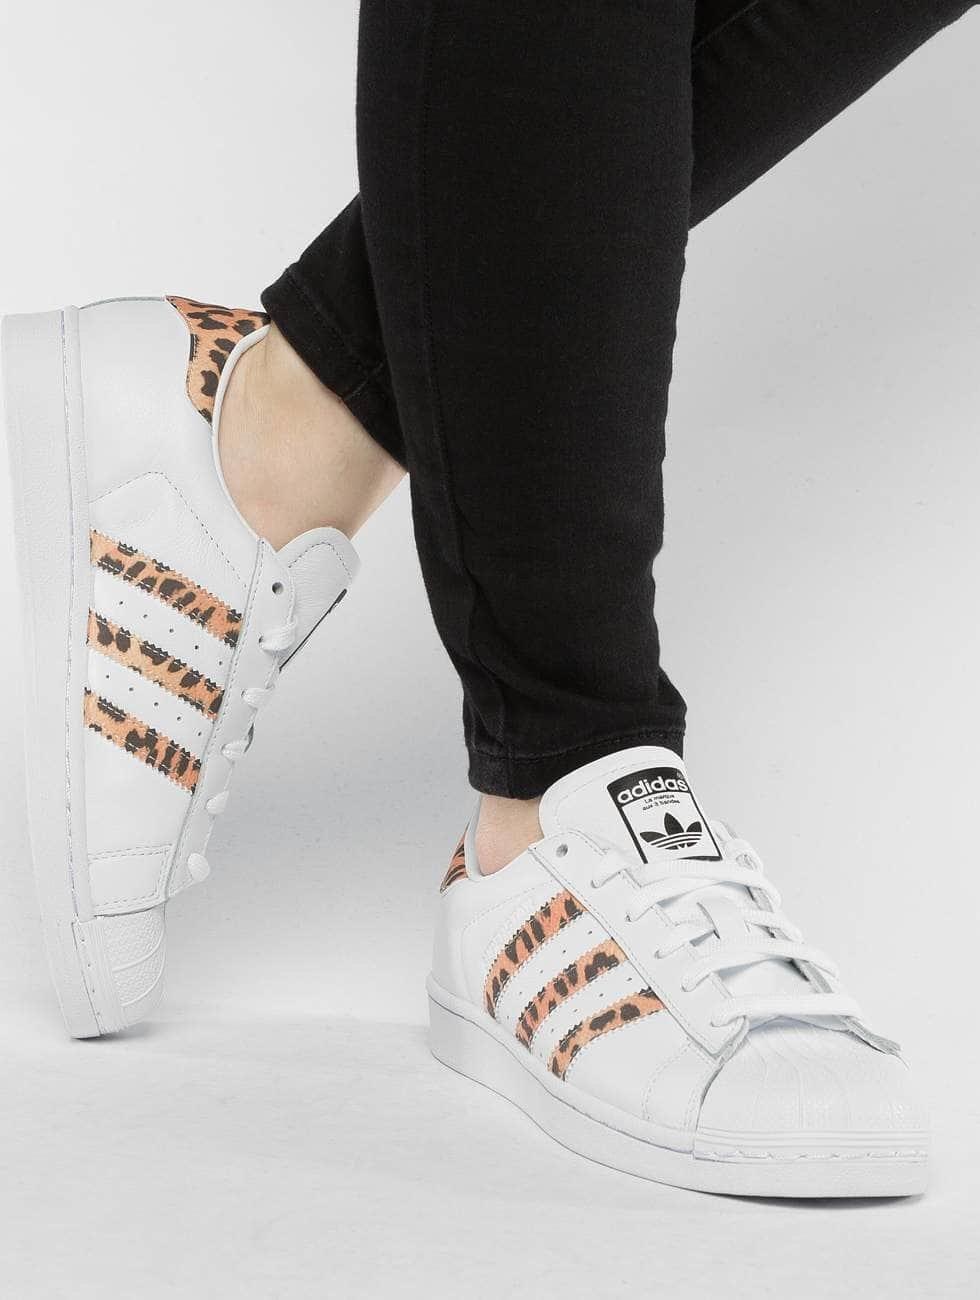 Grande Vente Pas Cher En Ligne Adidas Originals Superstar Chaussure / Basket En Blanc 436 972 Vente Pas Cher Vraiment Pas Cher NXeW1A6sd